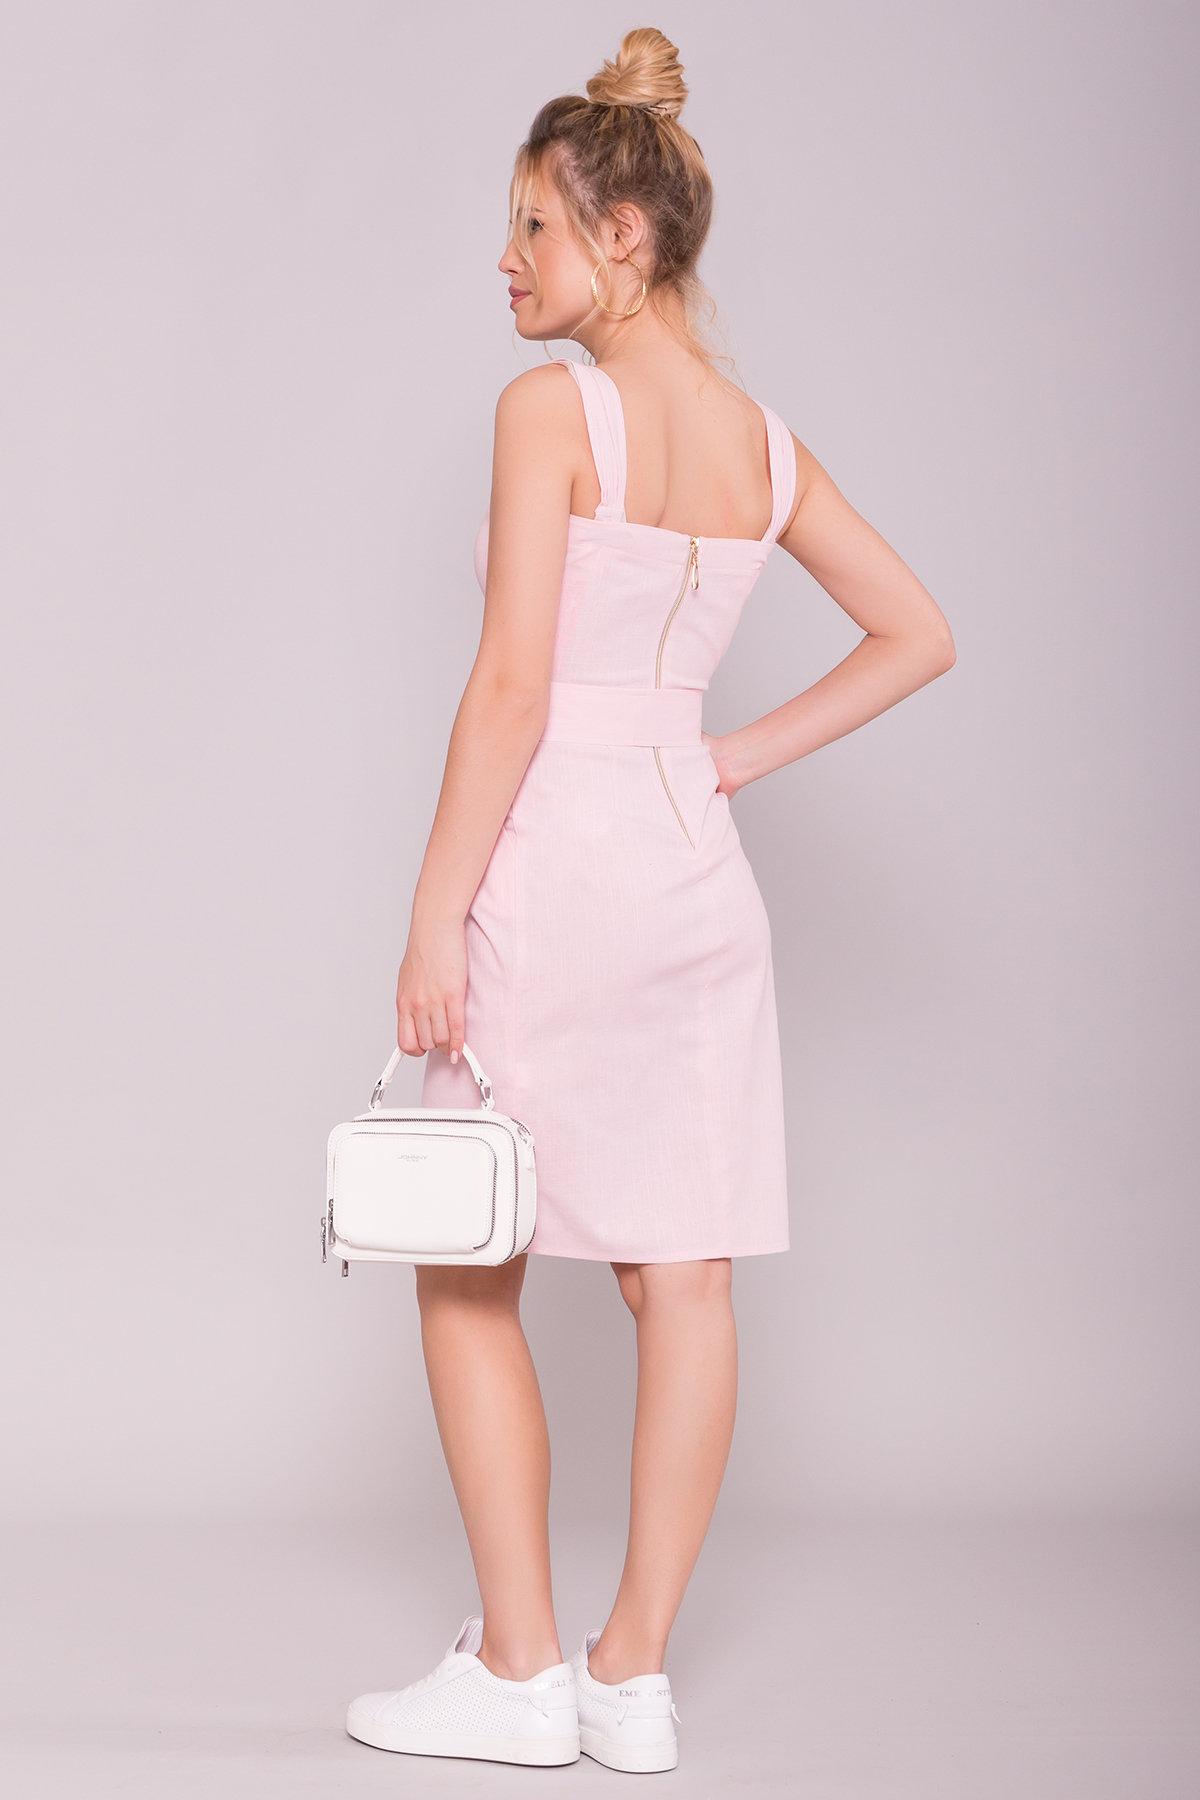 Платье Унгаро 7274 АРТ. 43068 Цвет: Розовый - фото 2, интернет магазин tm-modus.ru